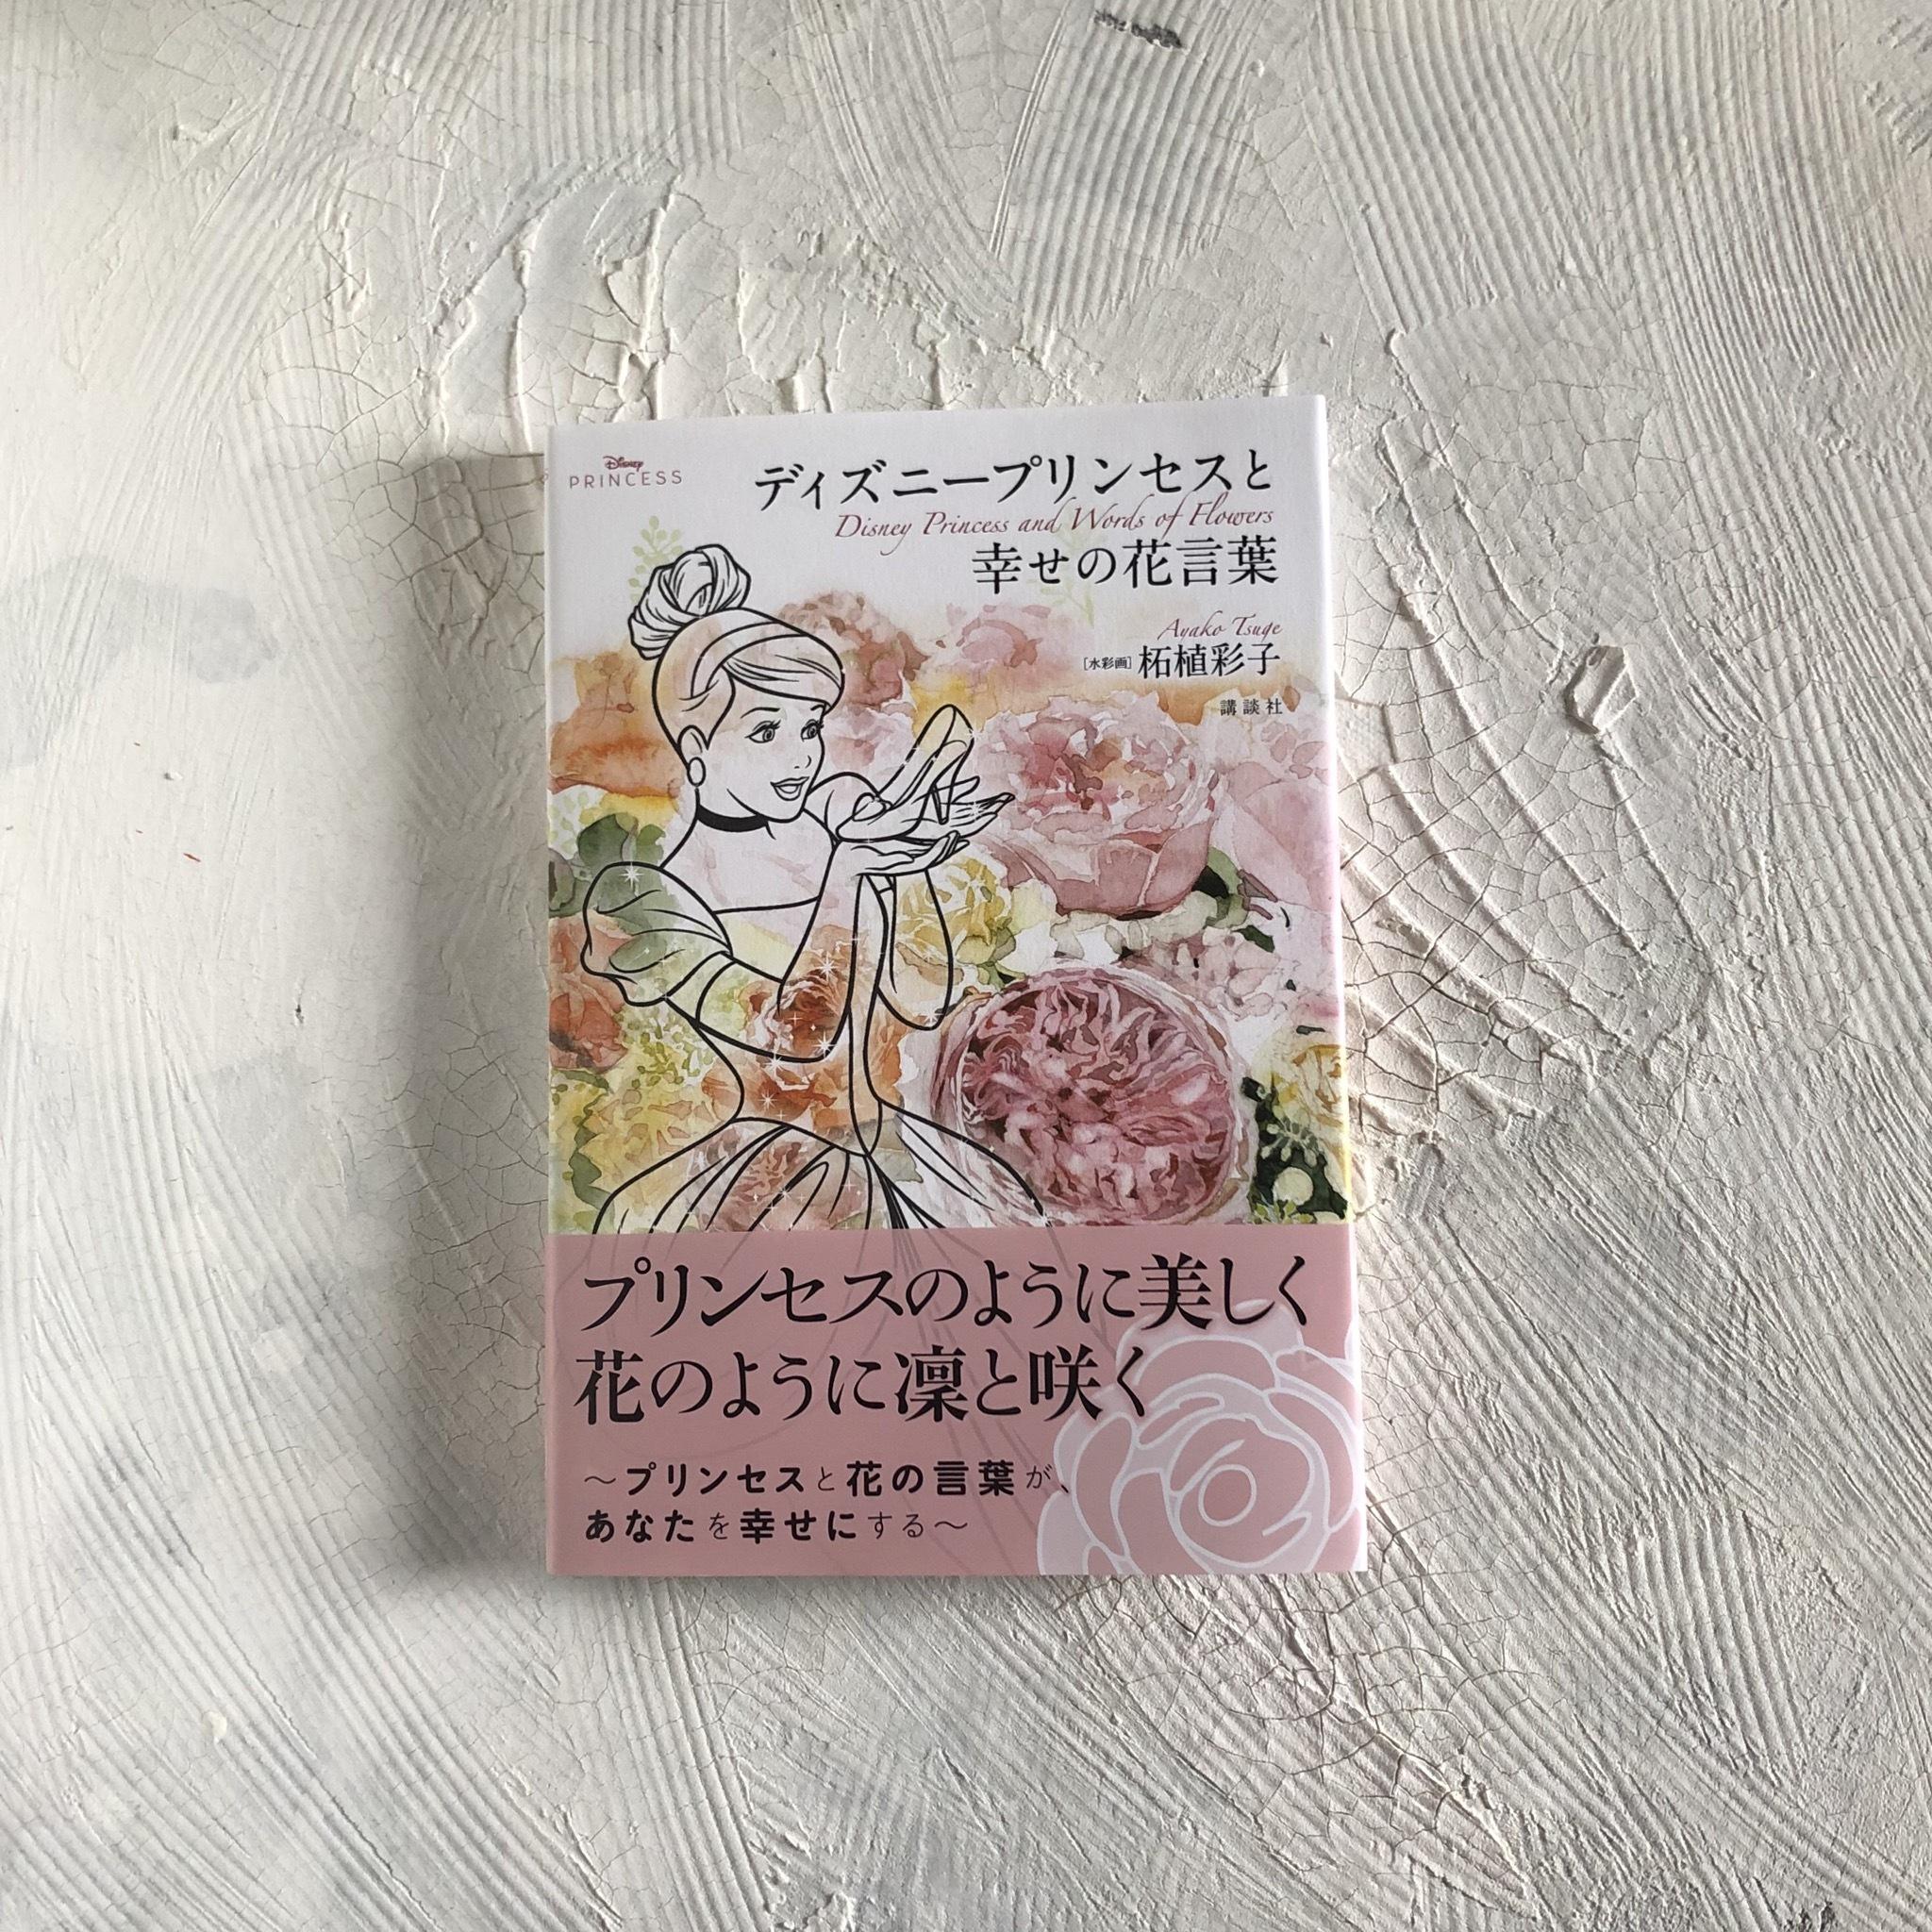 直筆サイン本発売開始! Disney Princess ディズニープリンセスと幸せの花言葉 単行本 – 2019/3/29 発売